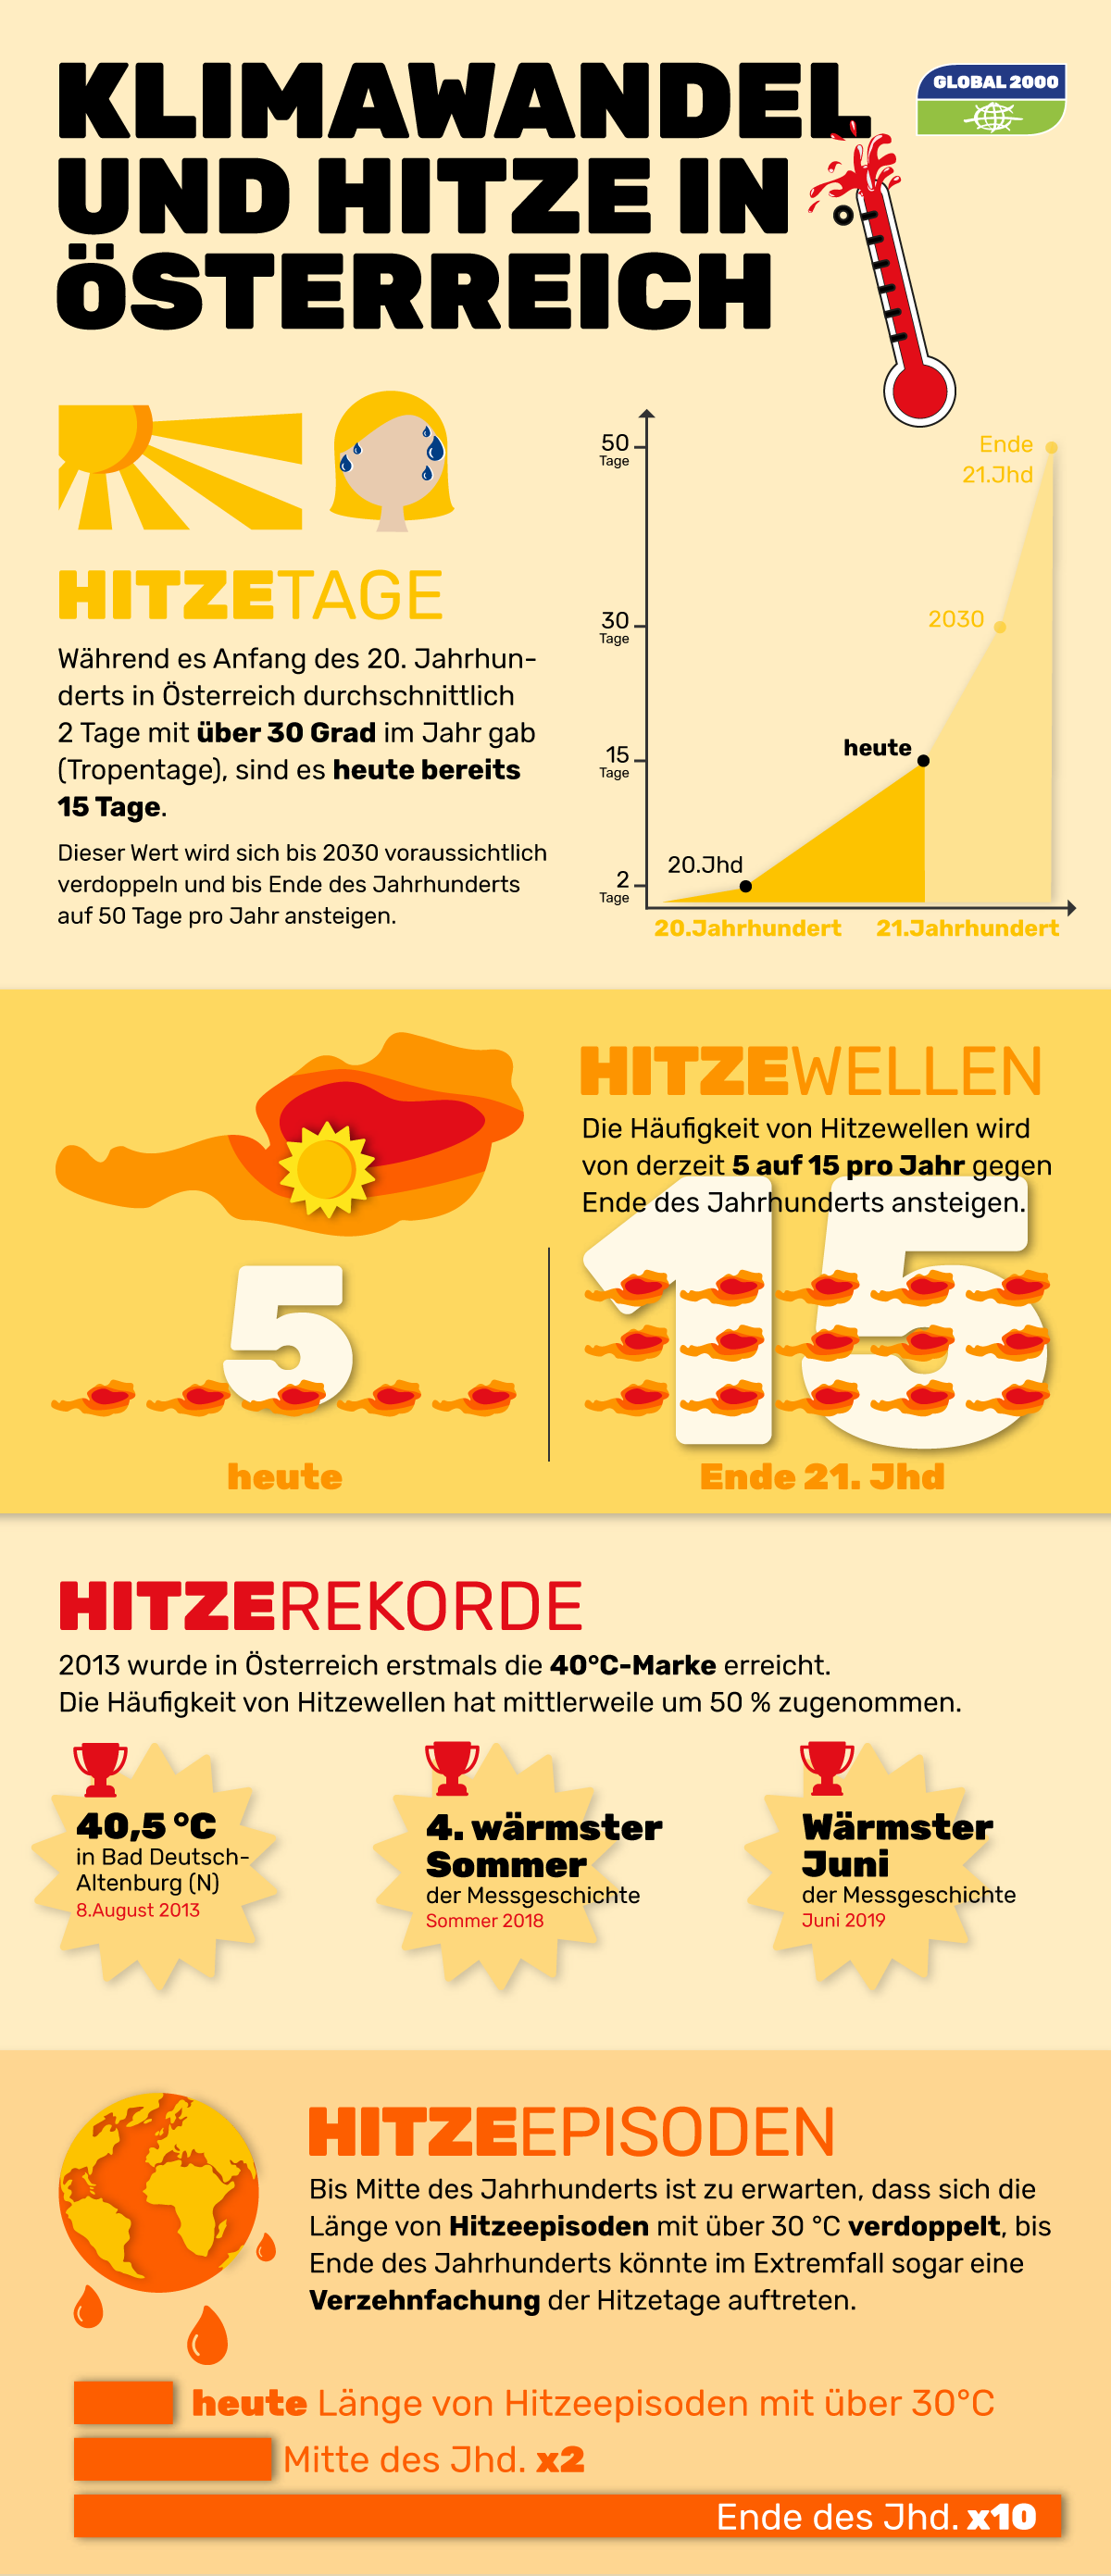 Infografik zum Thema Klimawandel und Hitze in Österreich